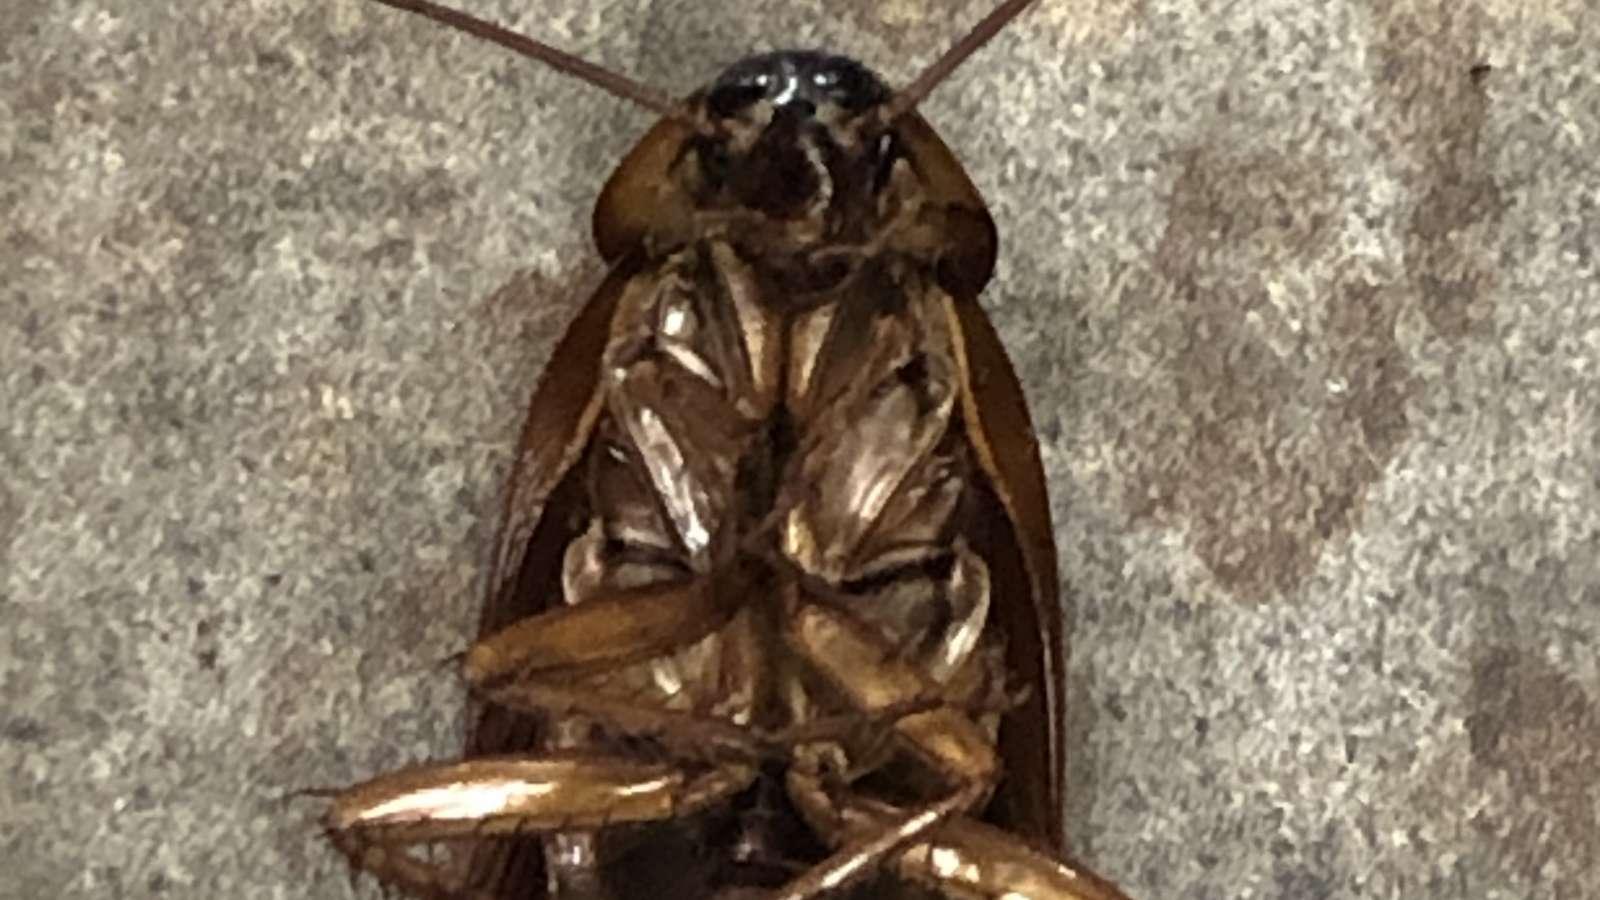 A Dead Cockroach